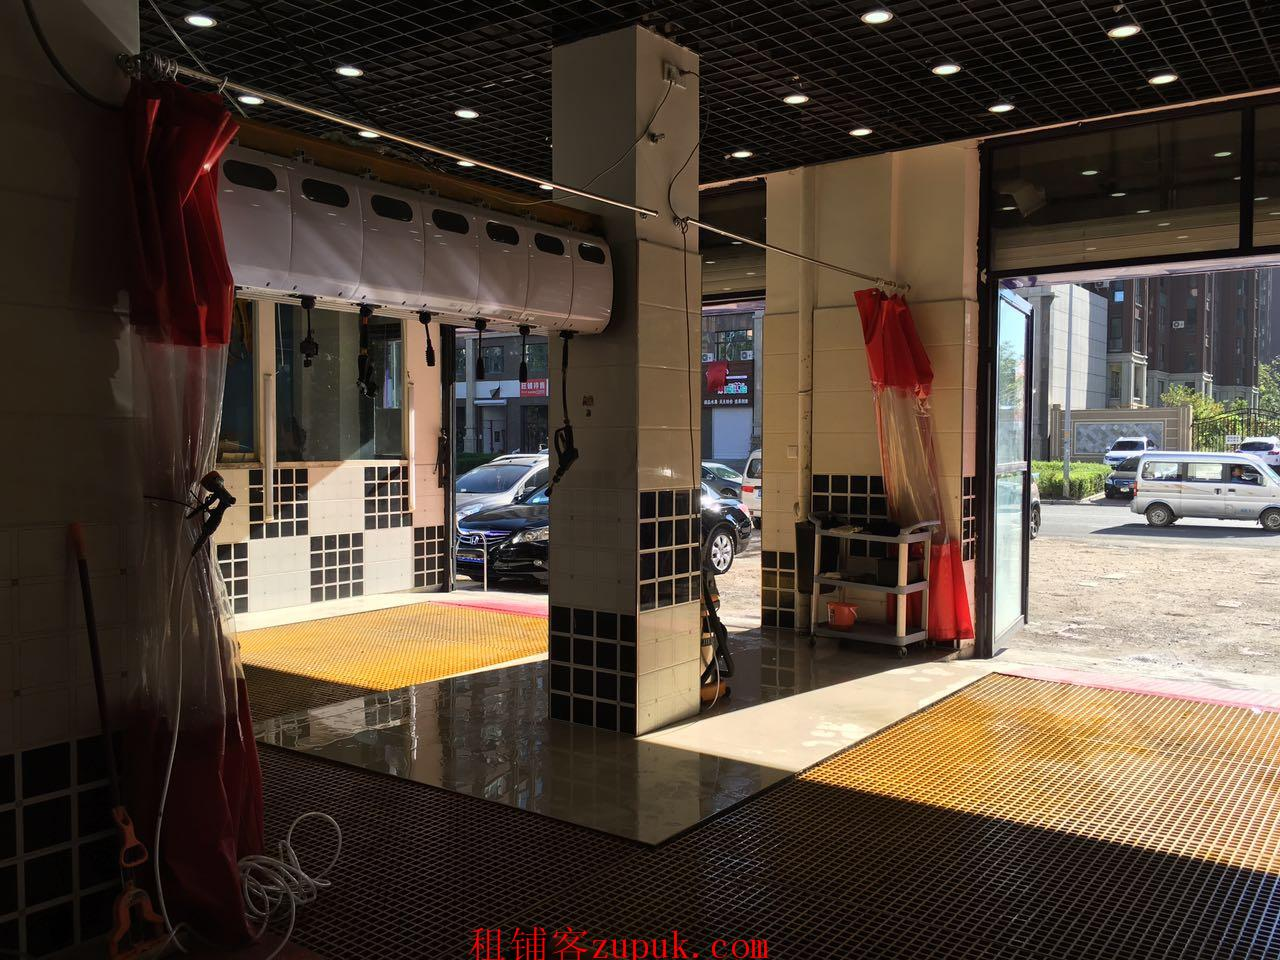 吉林市兴隆街洗车美容店出兑